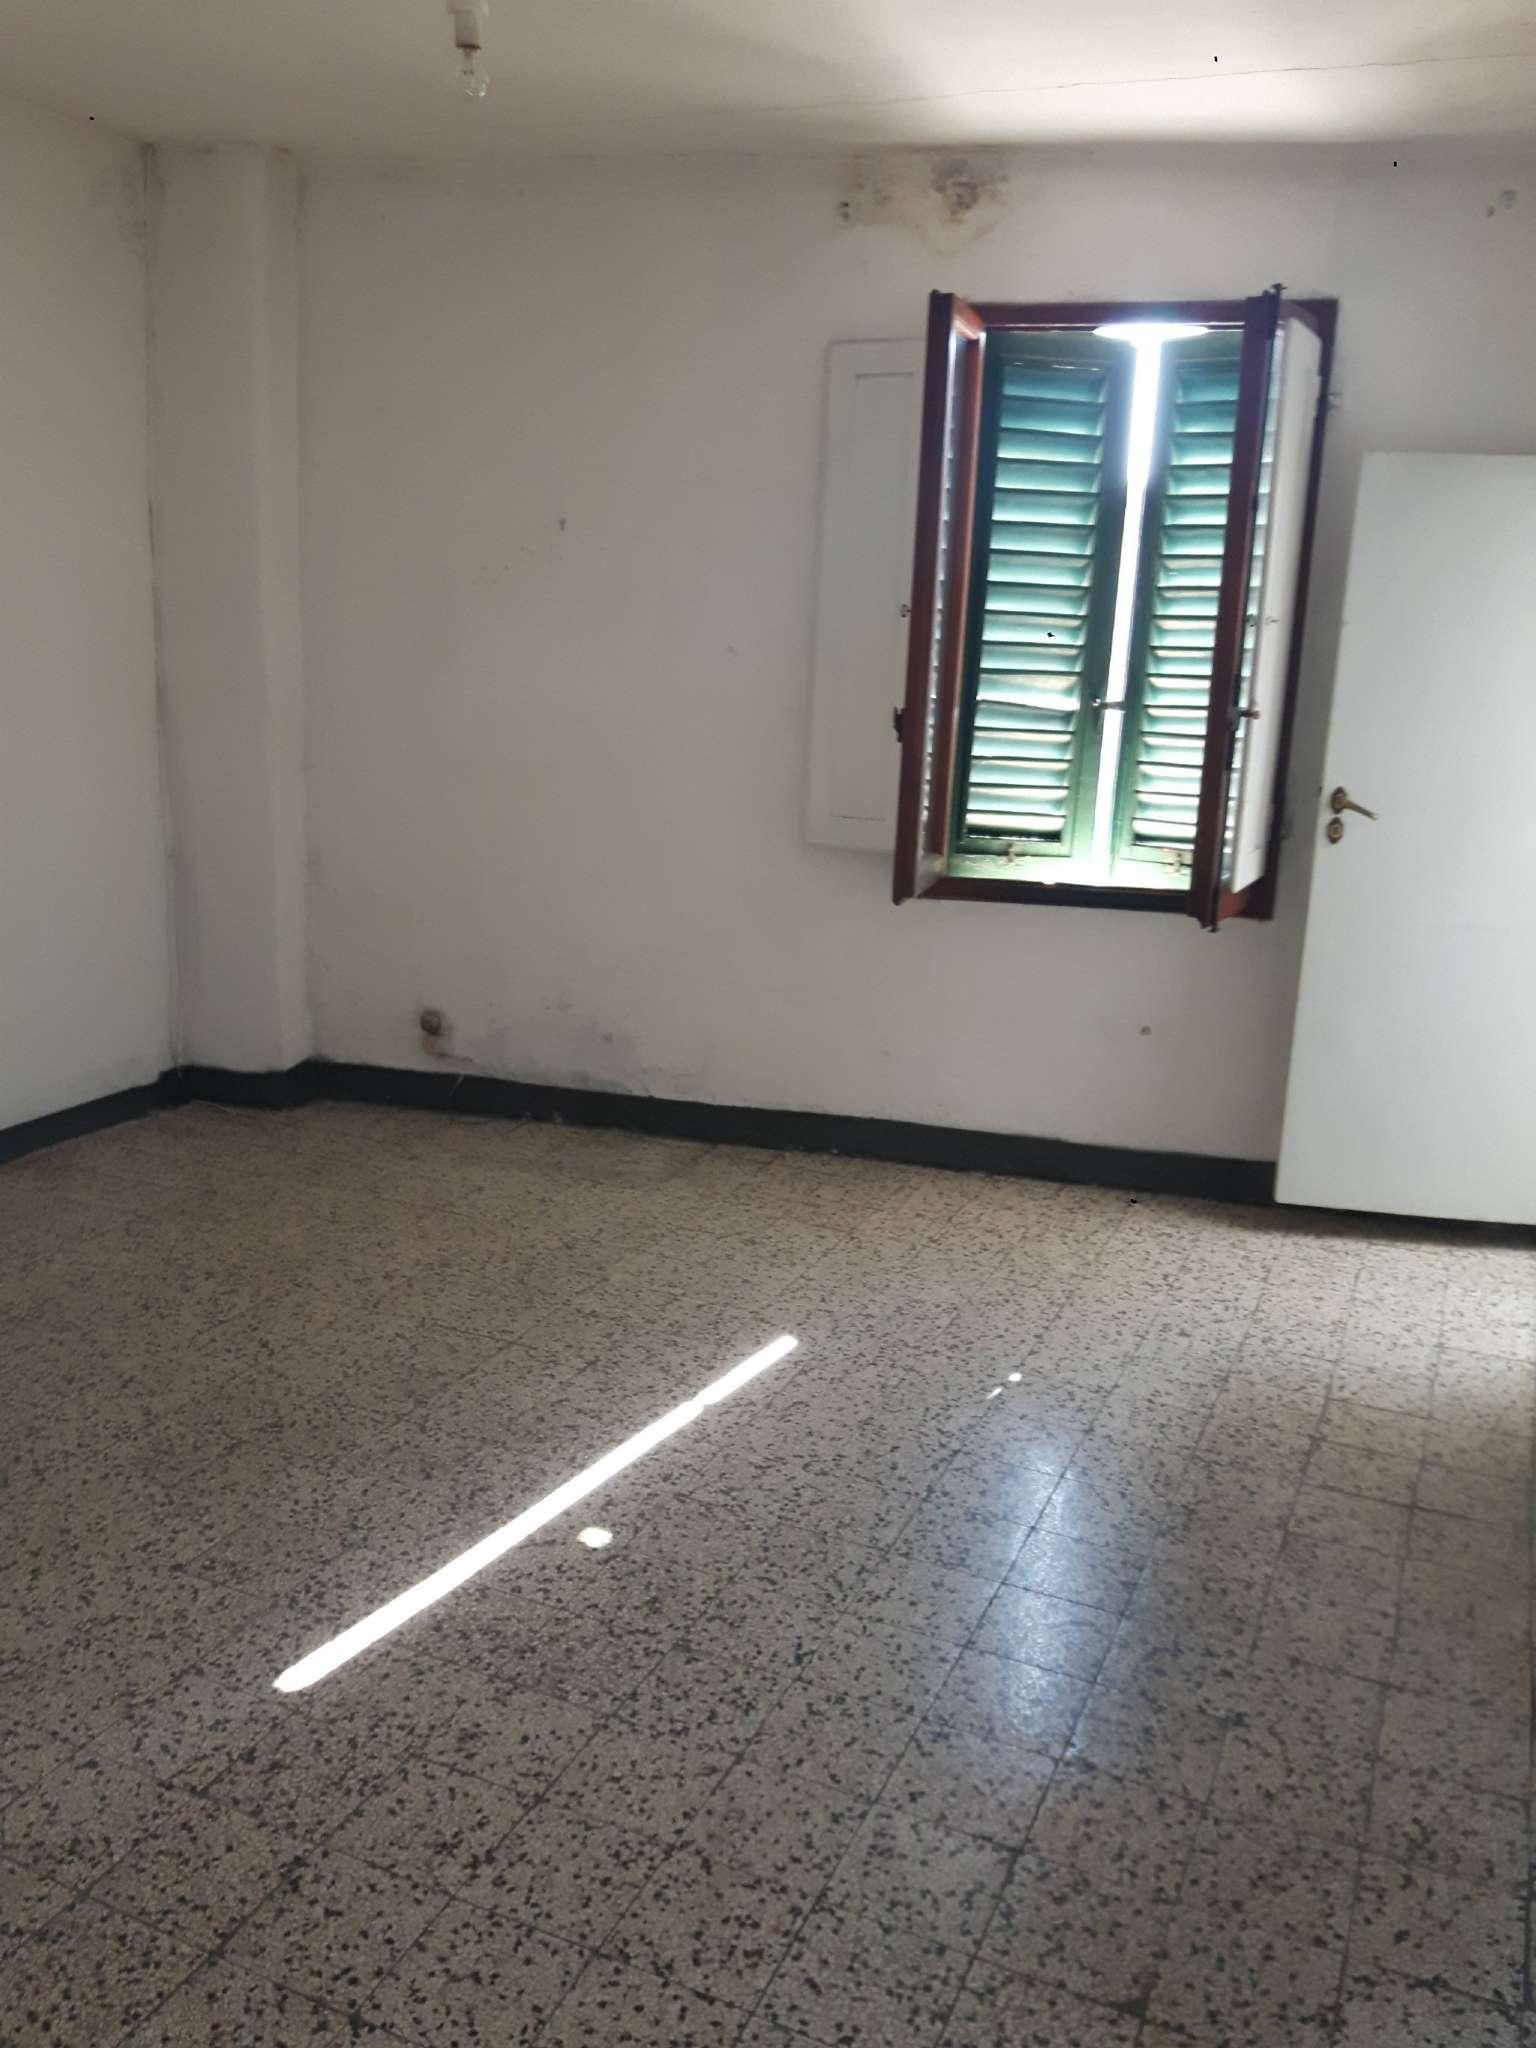 Palazzo / Stabile in vendita a Signa, 5 locali, prezzo € 85.000 | CambioCasa.it